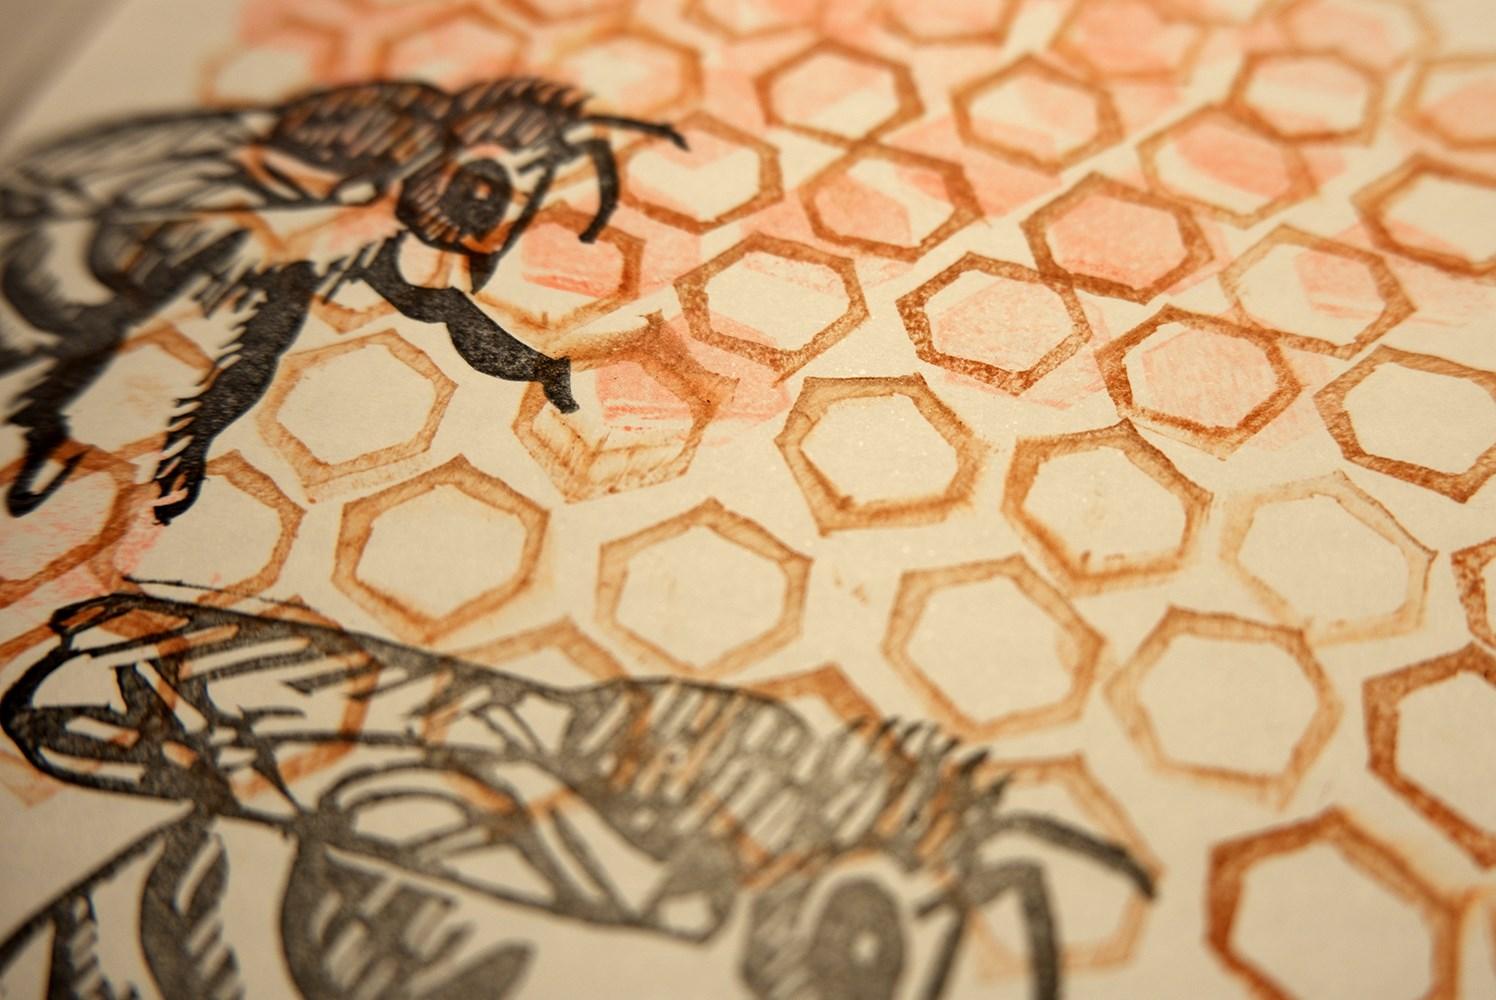 Workshop de linóleo: abelhas gravadoras com a Oficina do Cego